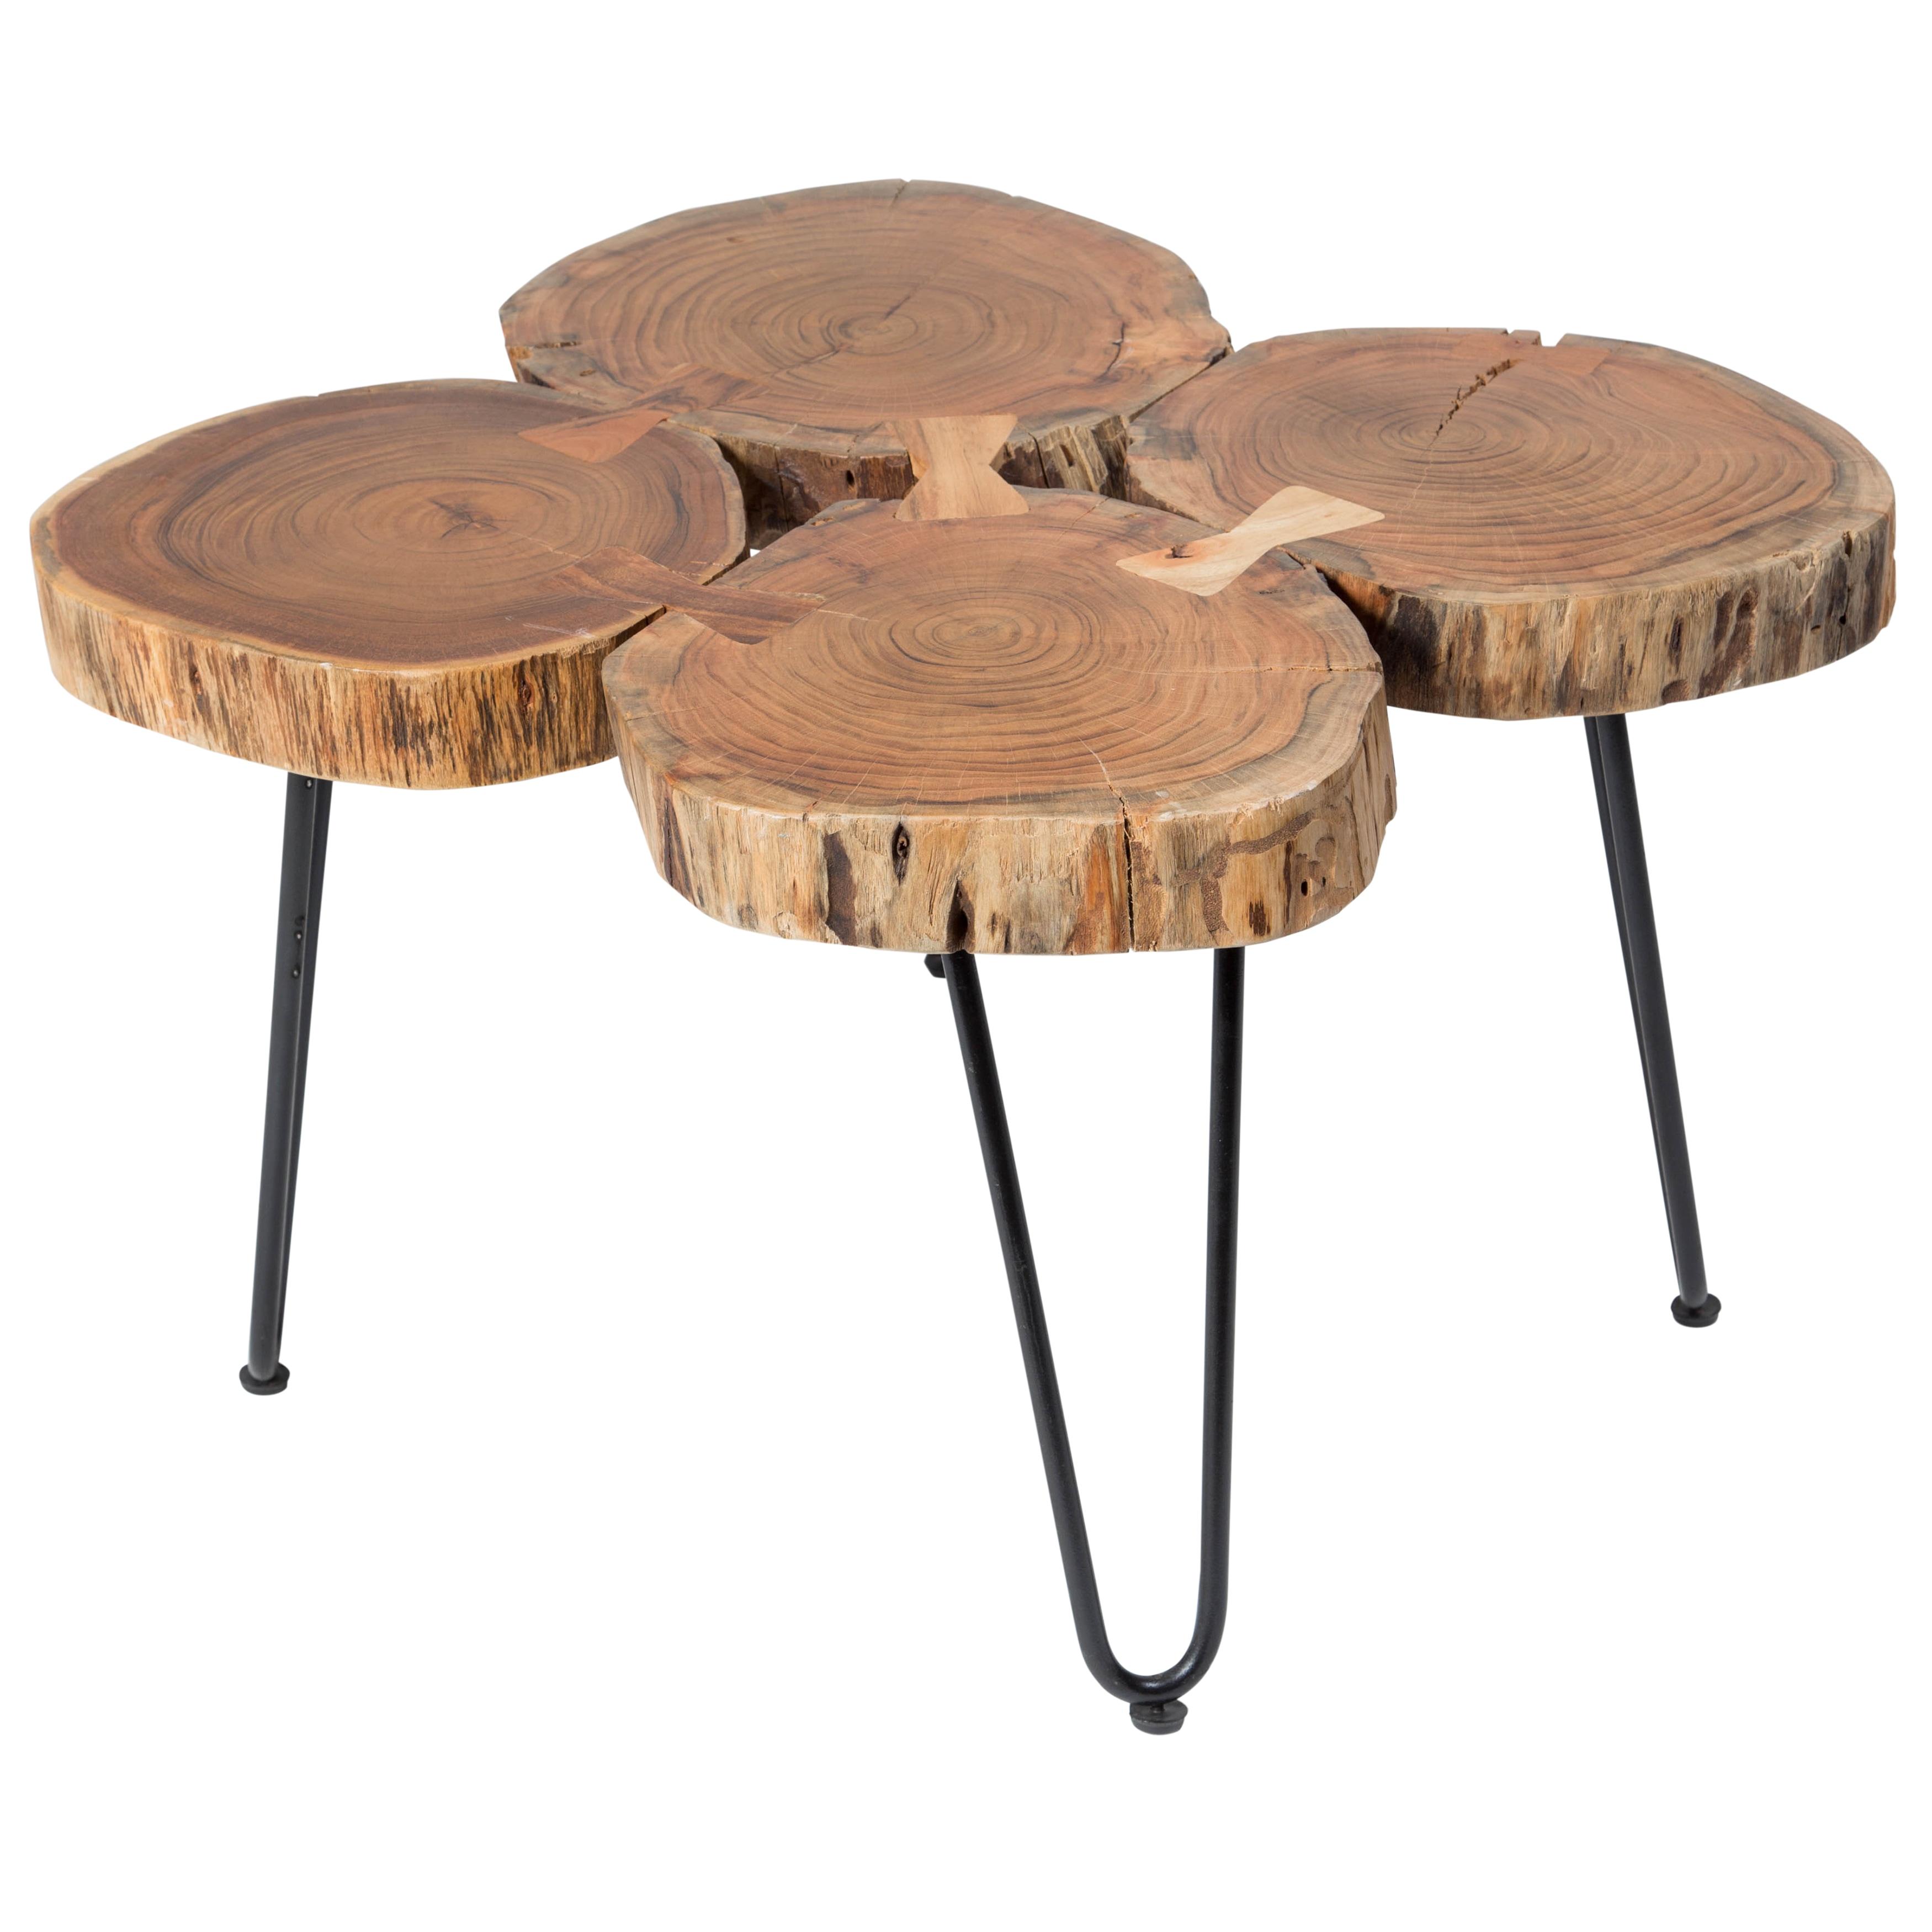 Handmade Deschutes Acacia Log Coffee Table 19 5 X 27 30 India